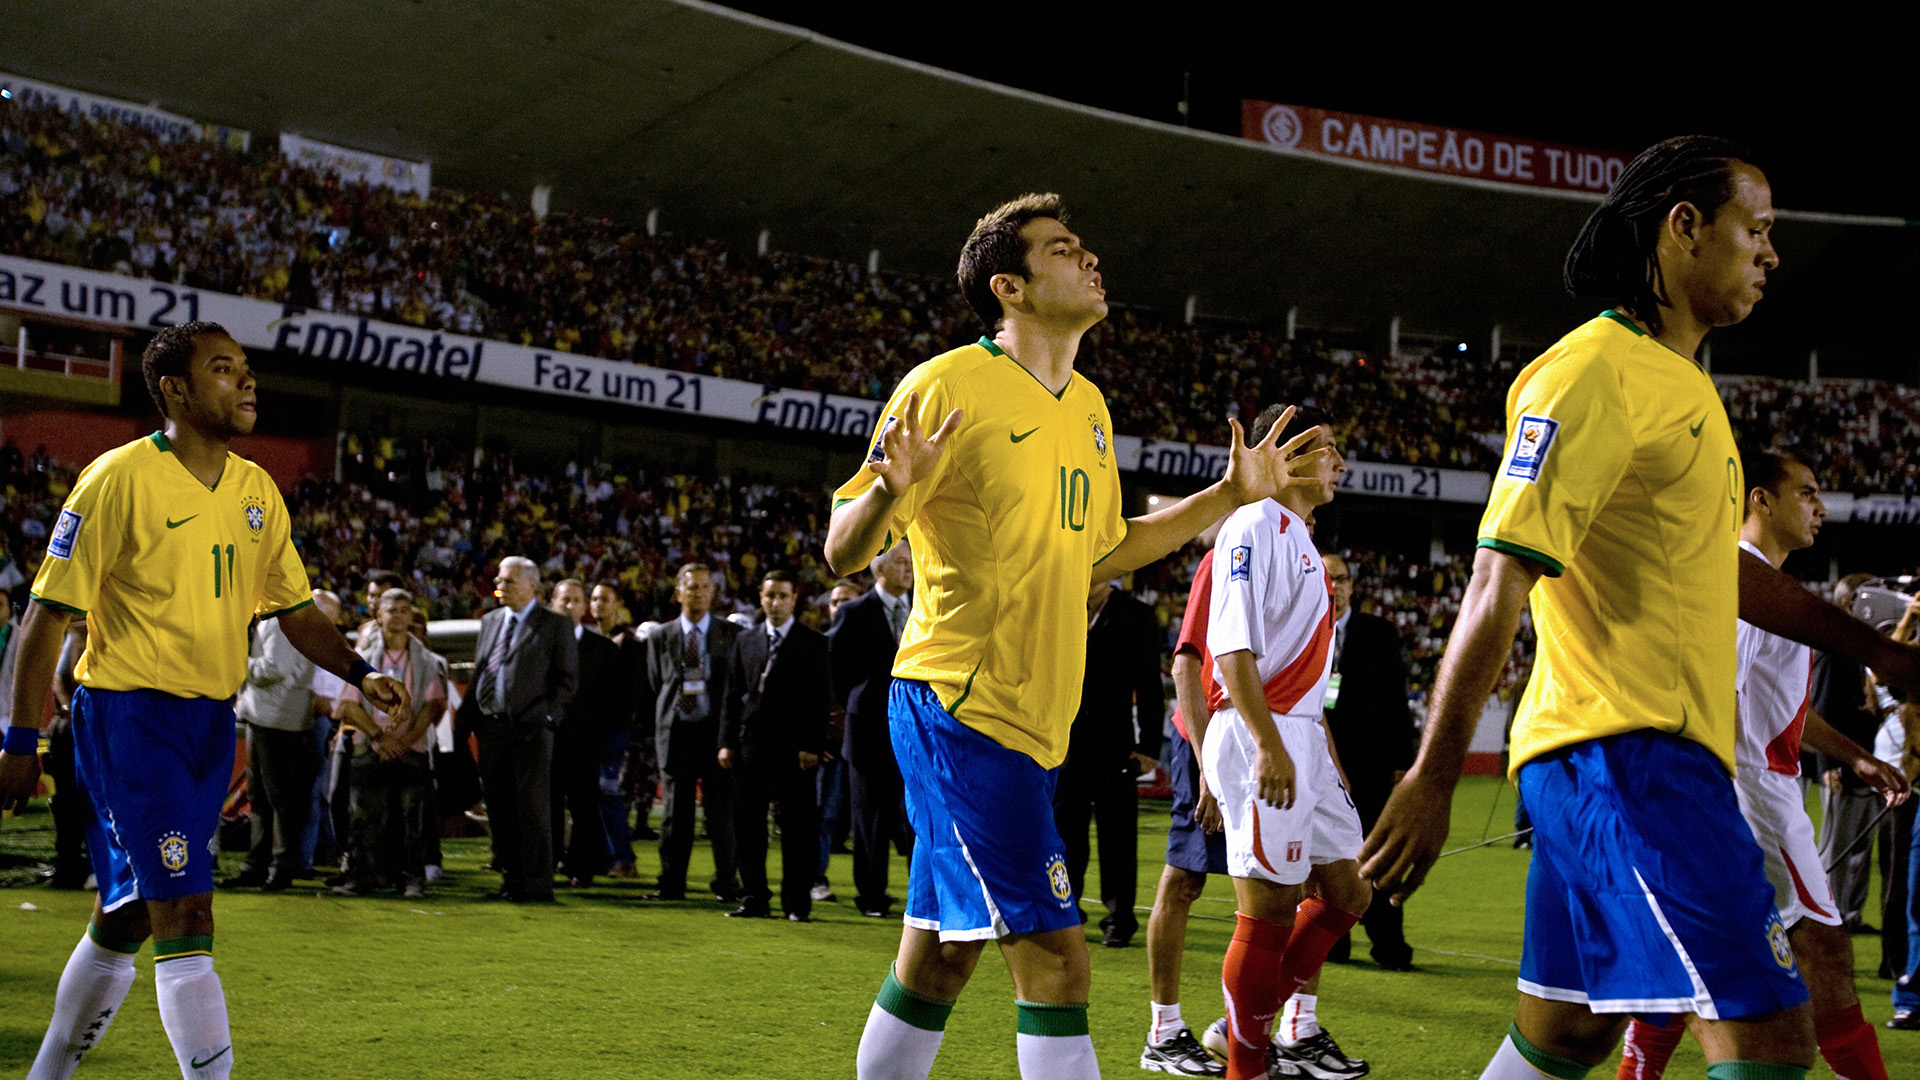 Robinho Kaka Luis Fabiano Brazil Peru Beira-Rio 02042009